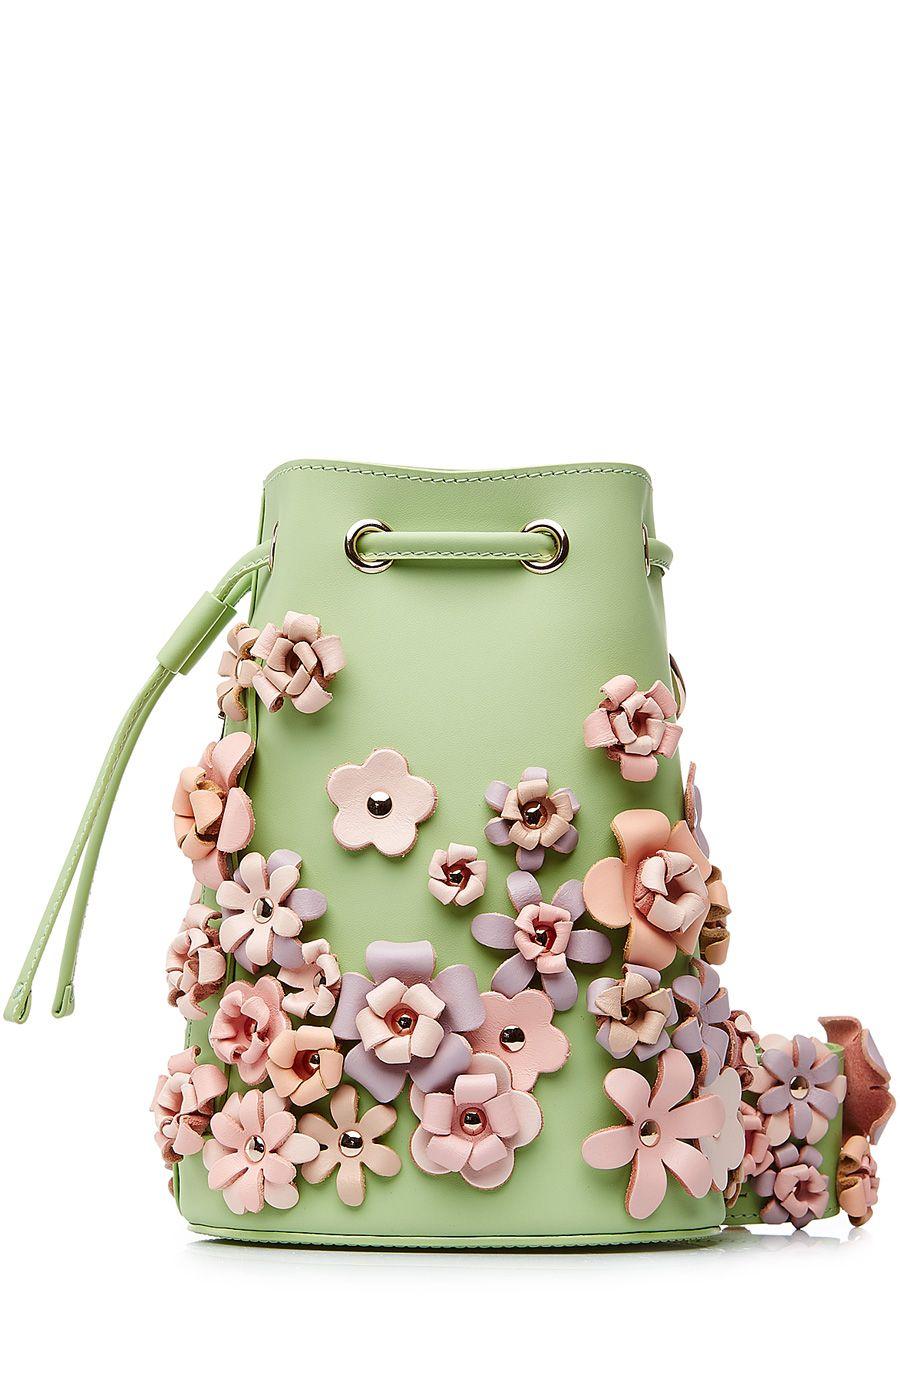 Kasper Flowers Leather Shoulder Bag dce3875551d